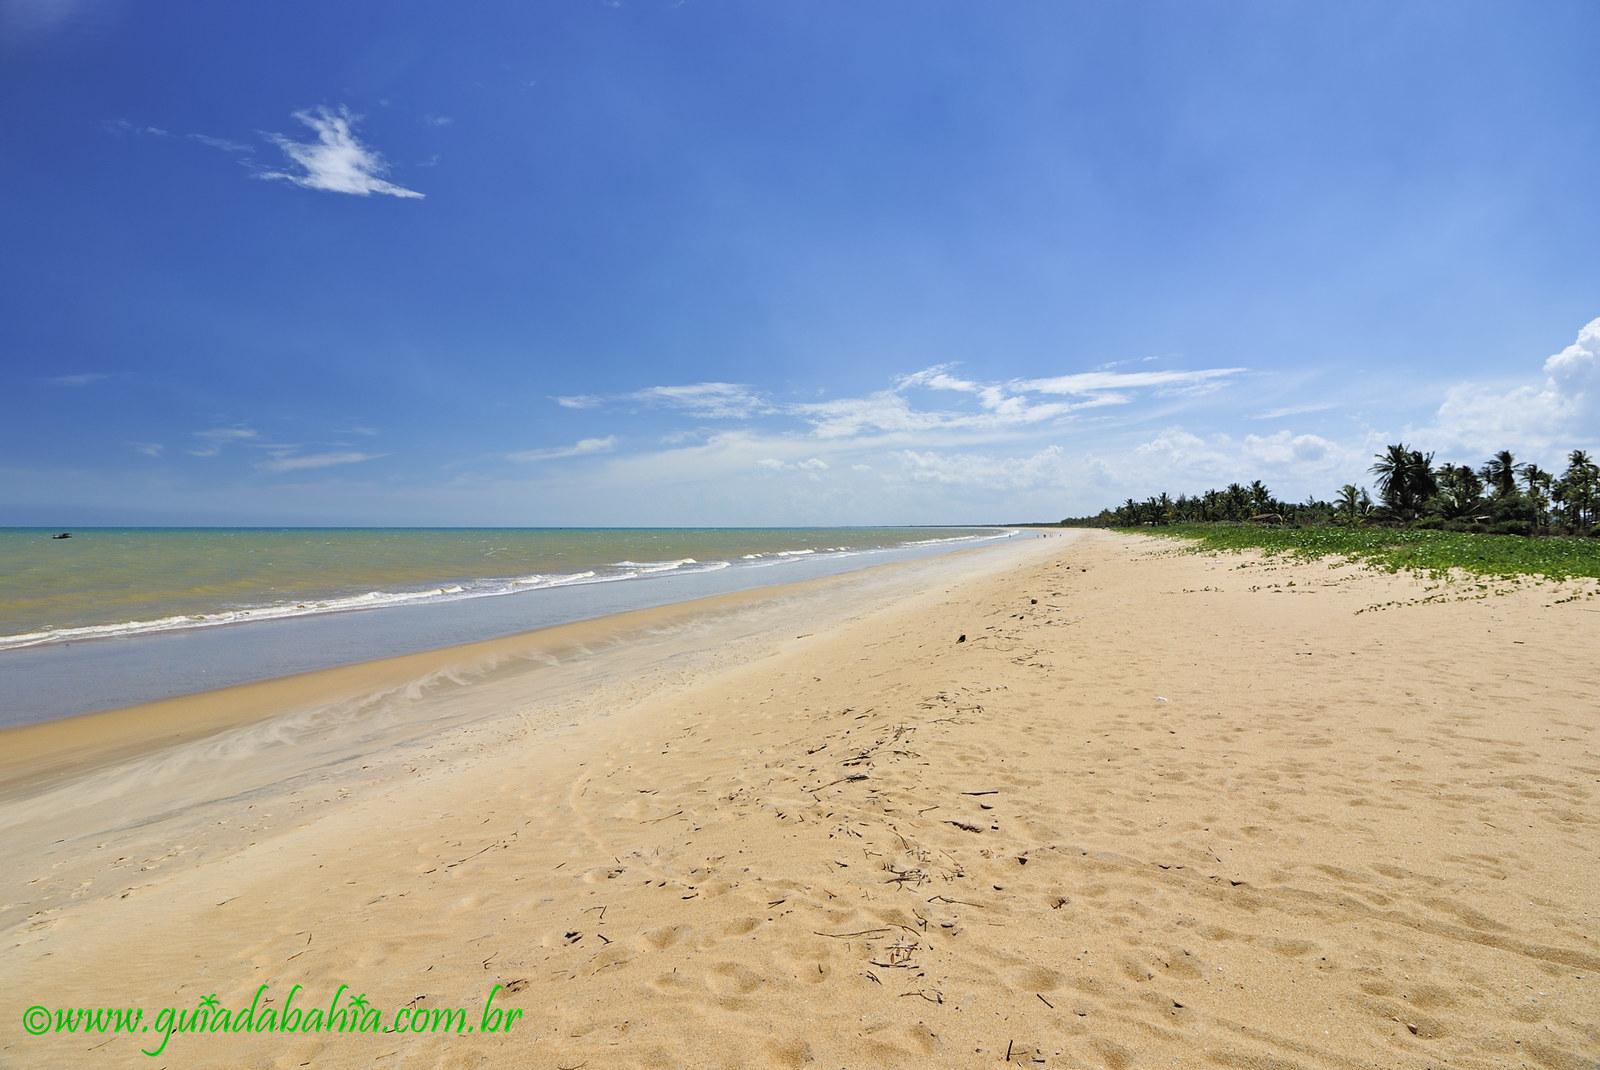 Fotos Praias de Nova Viçosa BAHIA